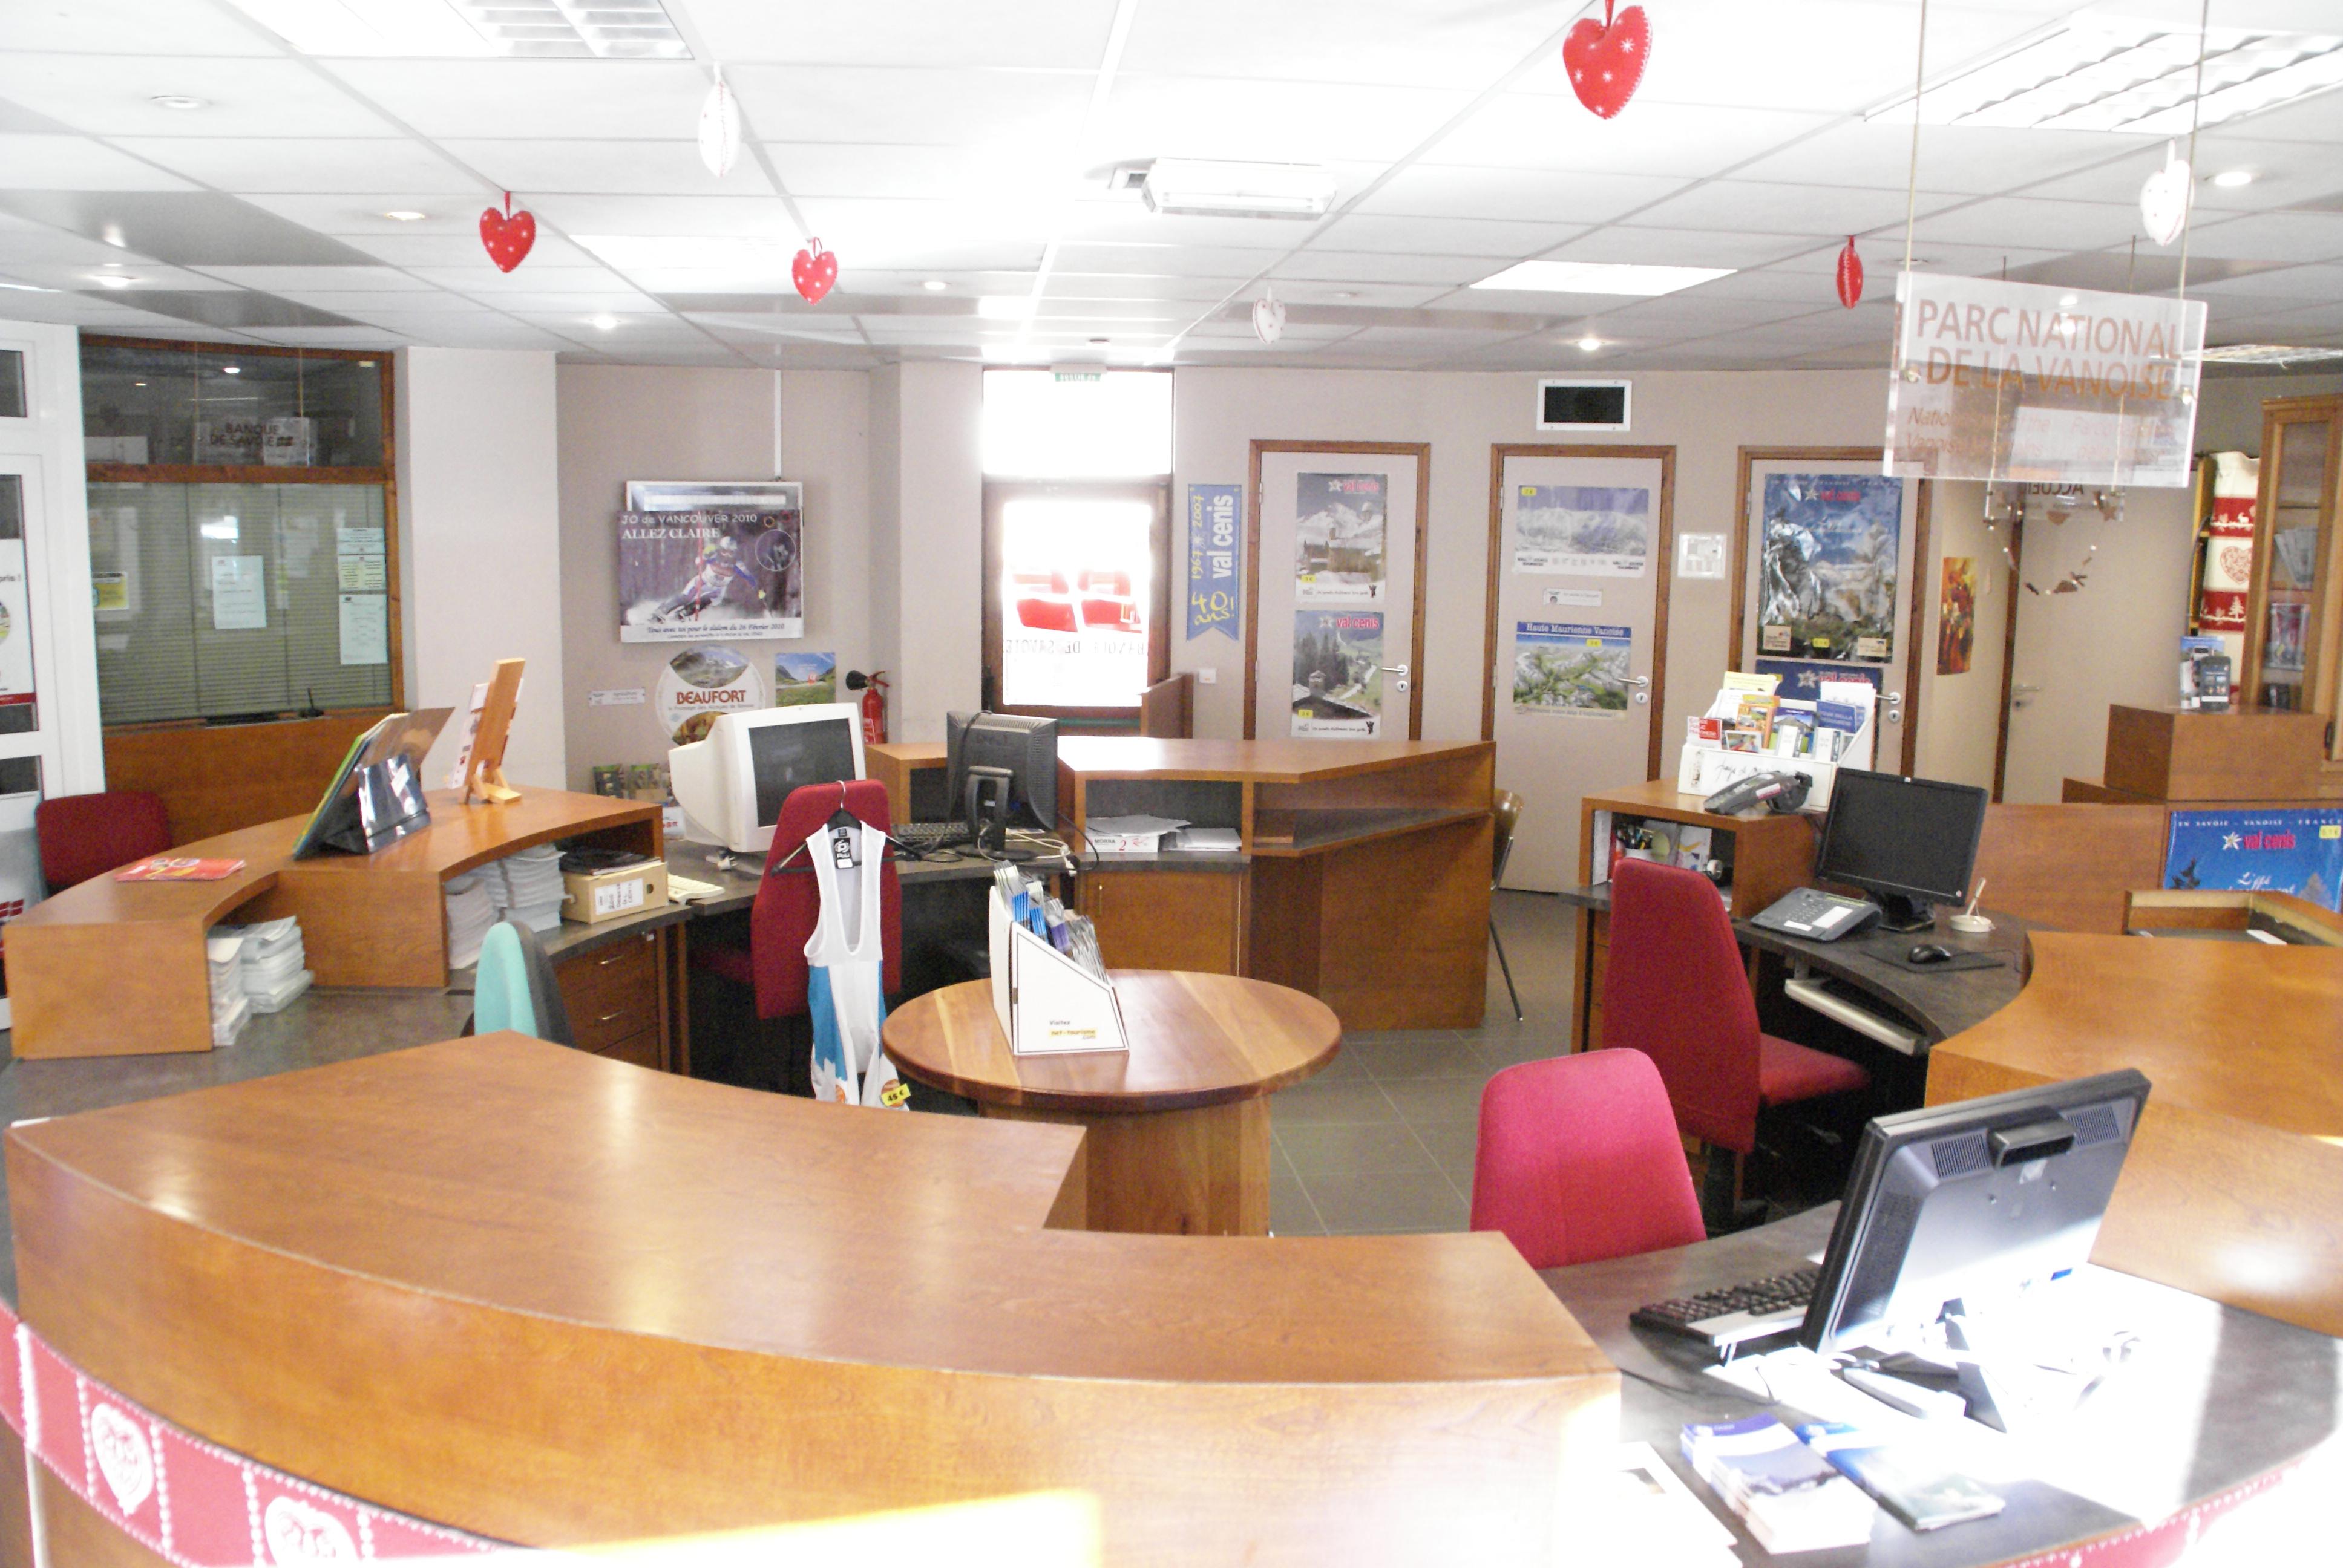 Office de tourisme bureau de val cenis lanslevillard savoie mont blanc savoie et haute - Office de tourisme bessans ...